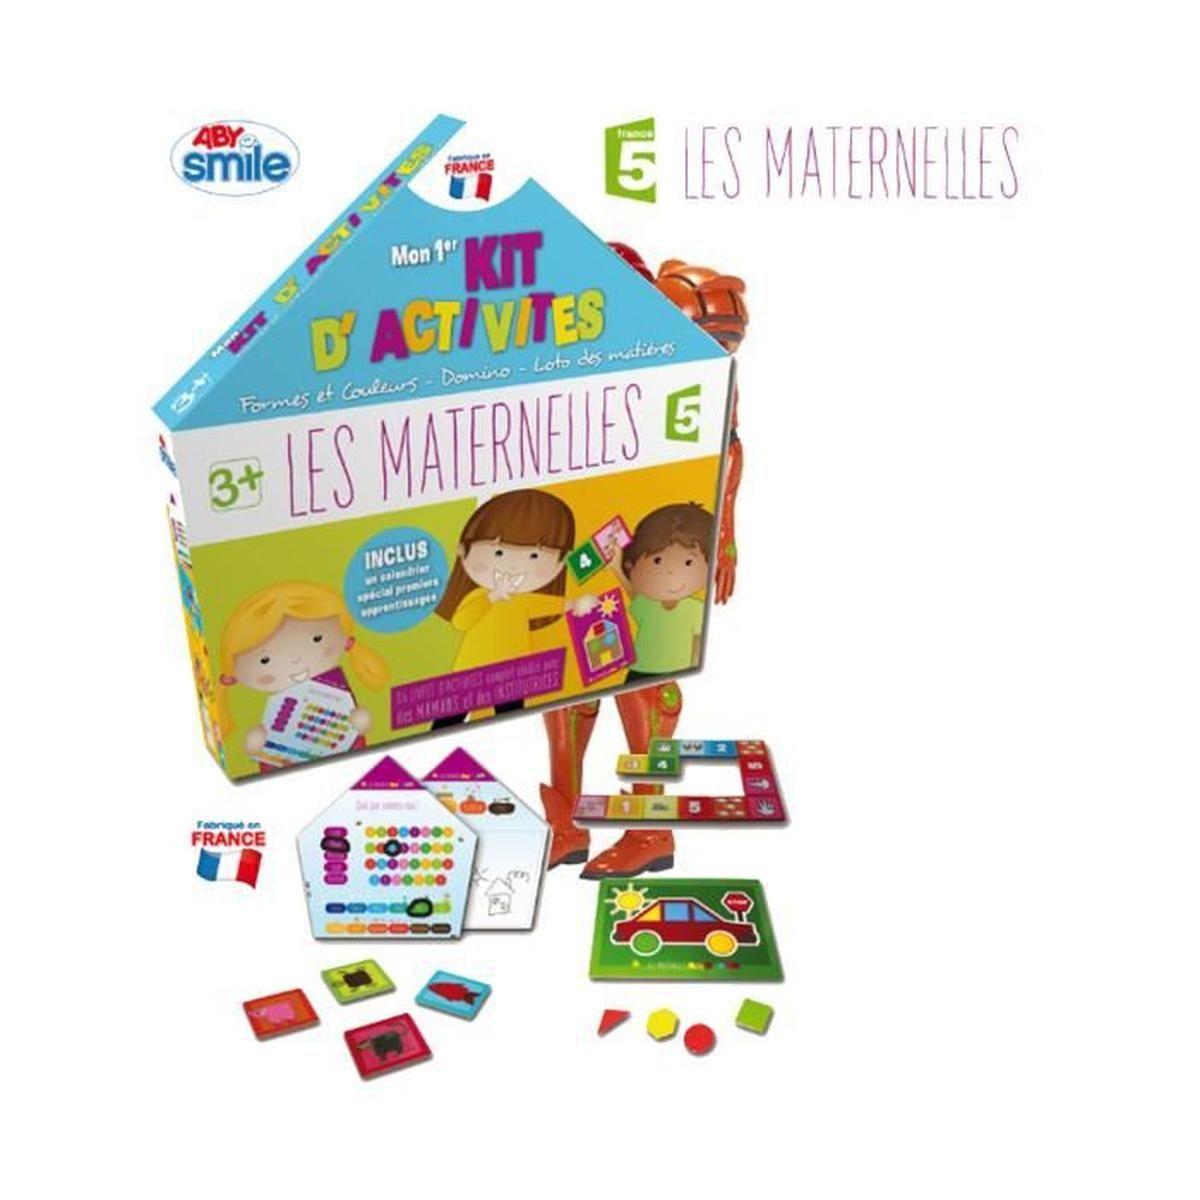 Jeu Les Maternelles : Mon Premier Kit D'activités Aille Unique Coloris  Unique concernant Jeux Apprentissage Maternelle